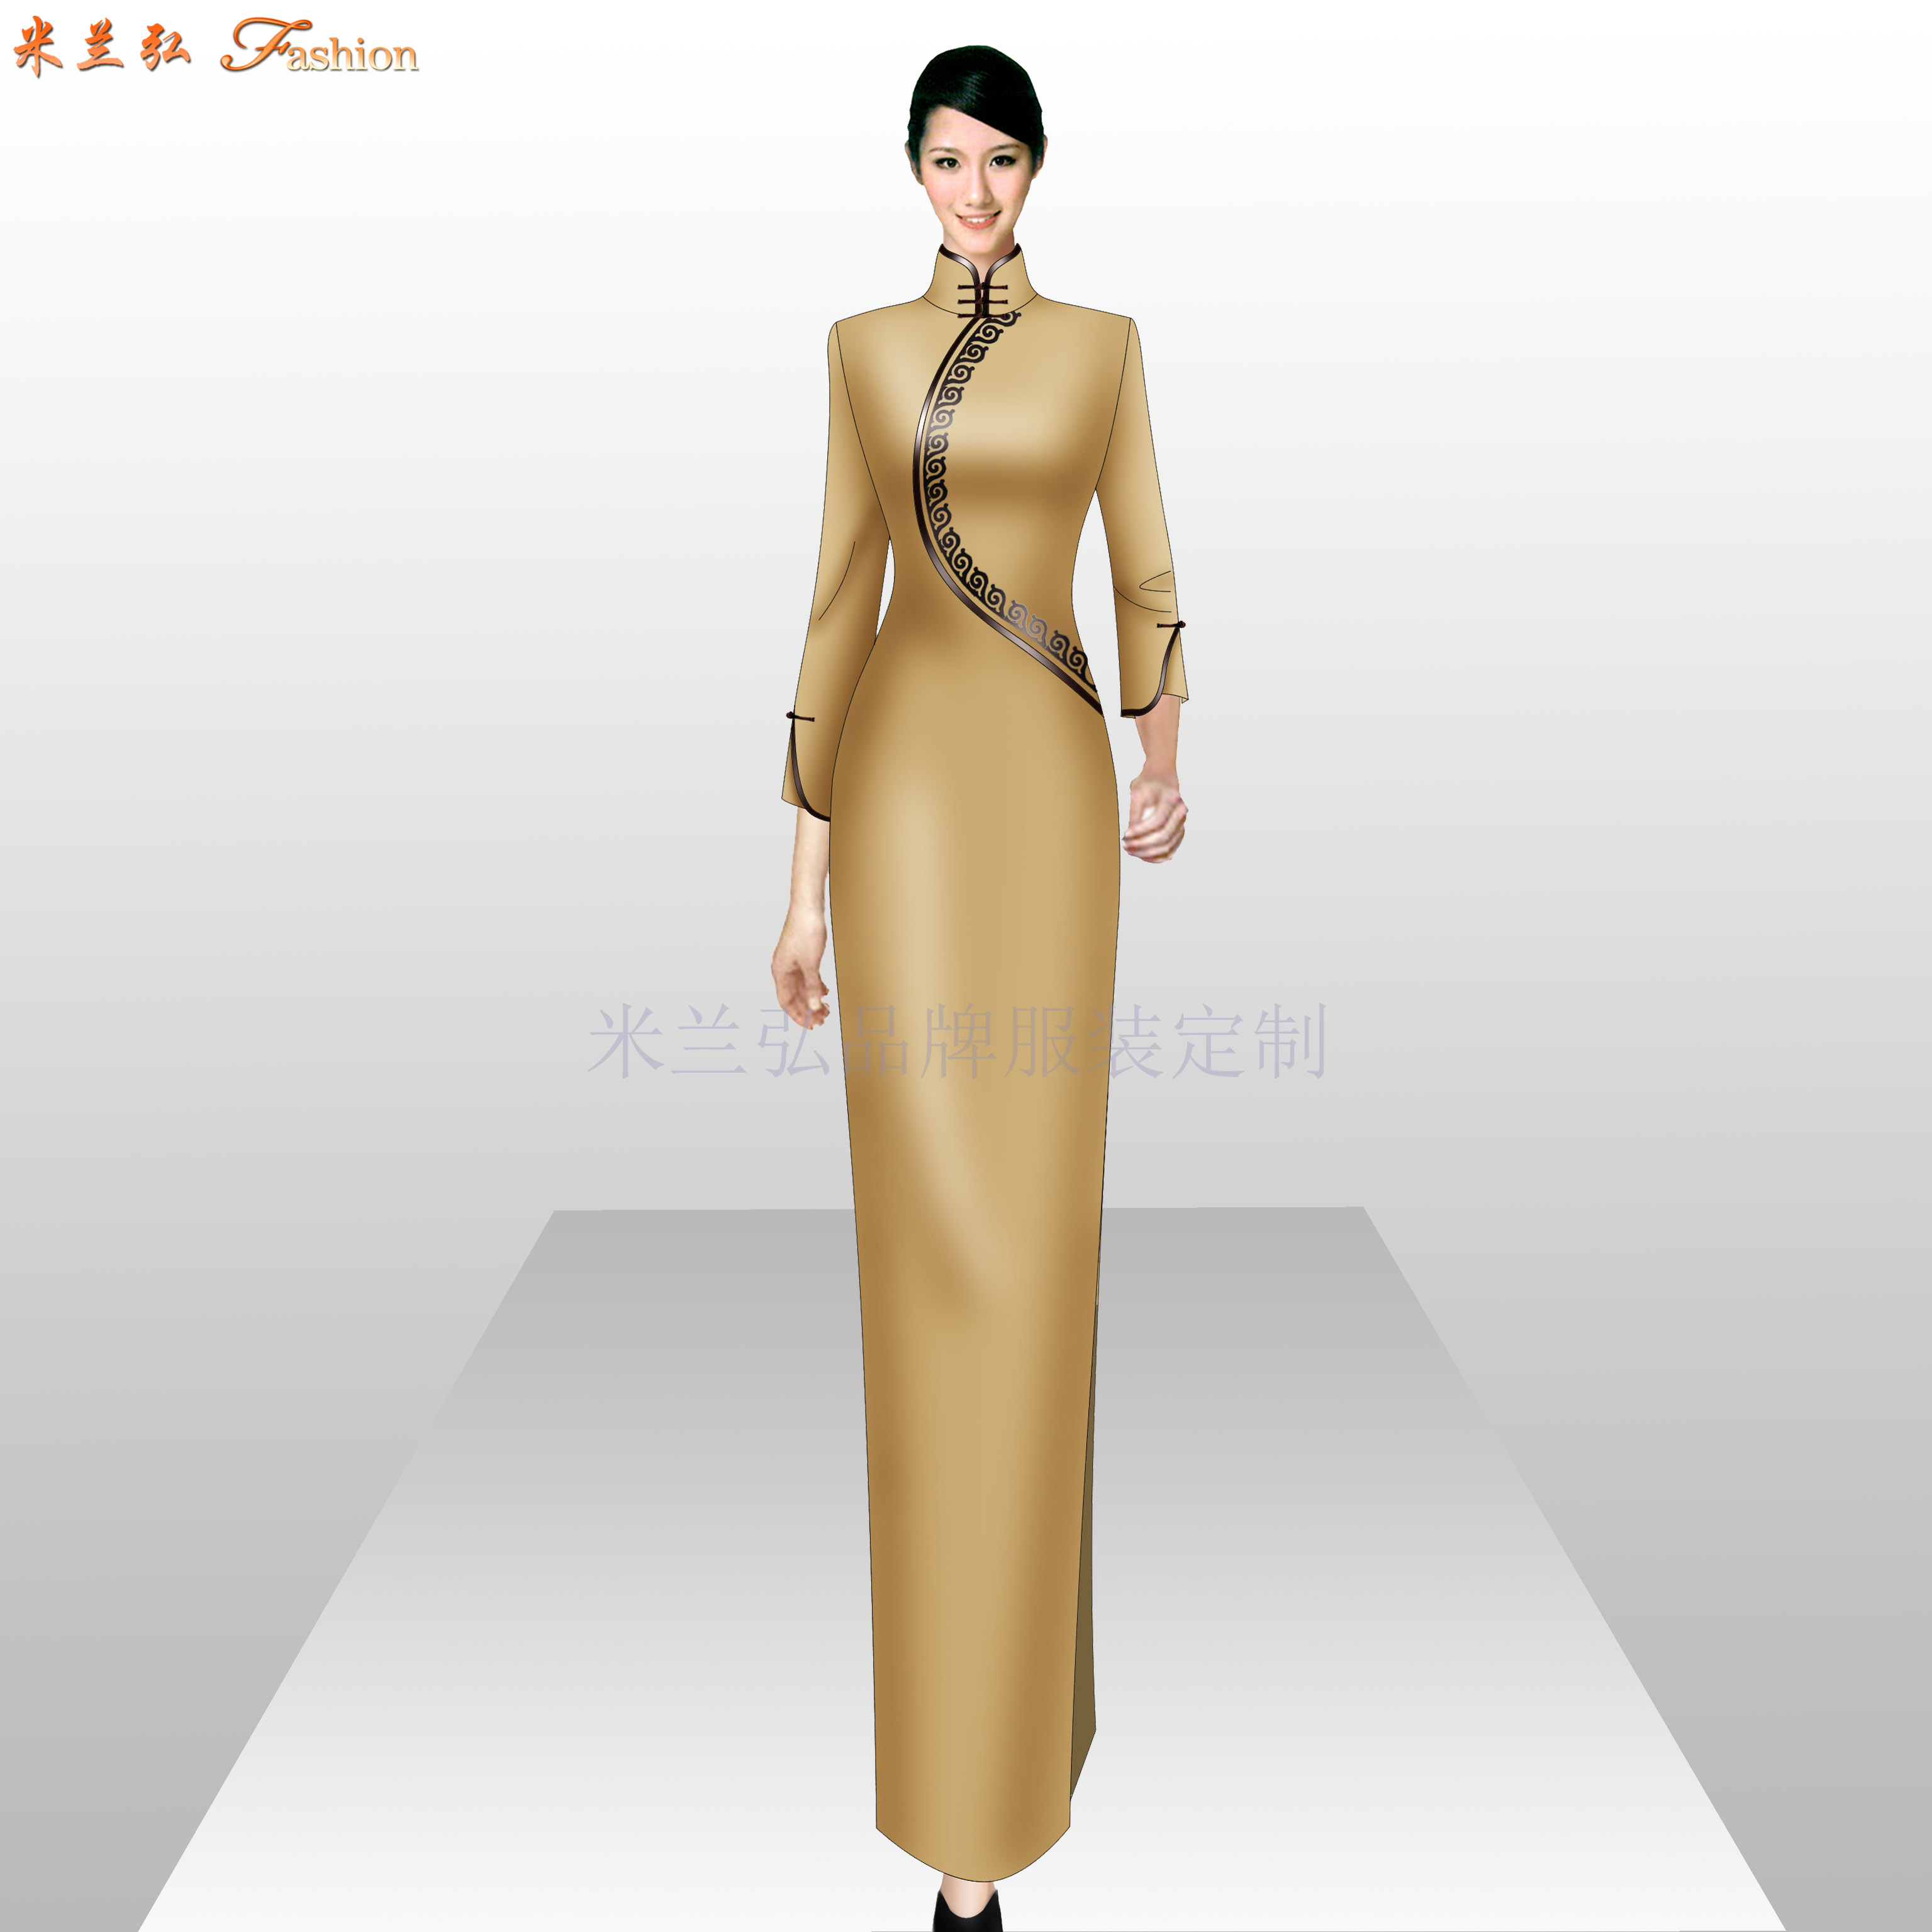 「旗袍高端定制」「旗袍高級訂制」-米蘭弘品牌服裝-3